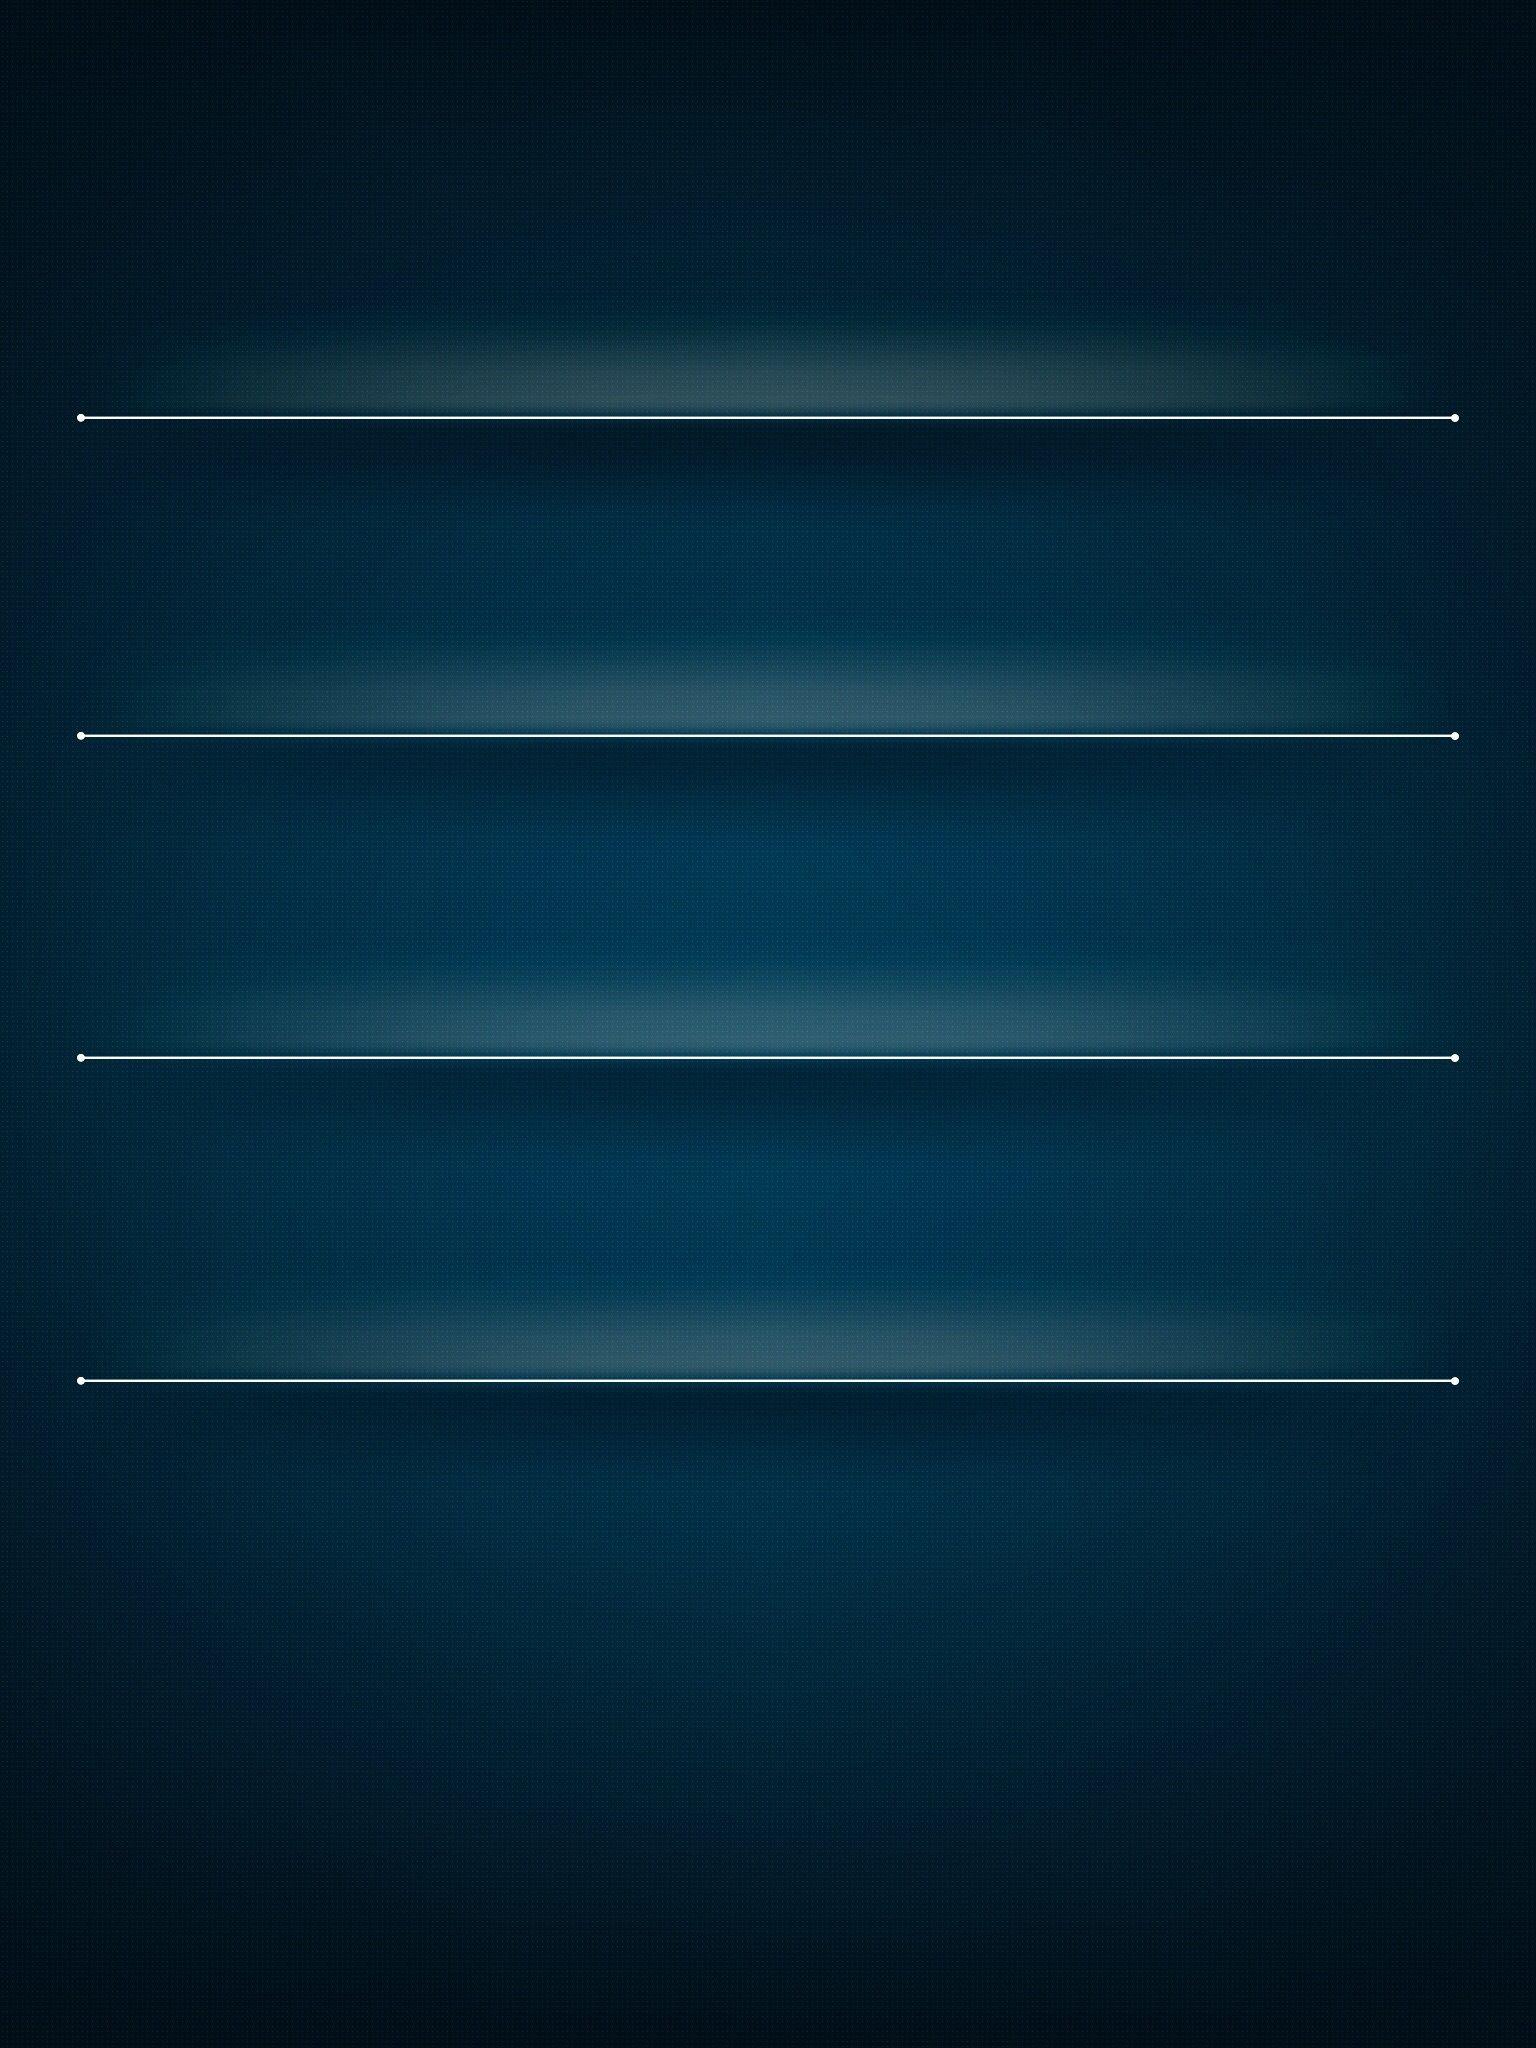 wallpaper app shelves